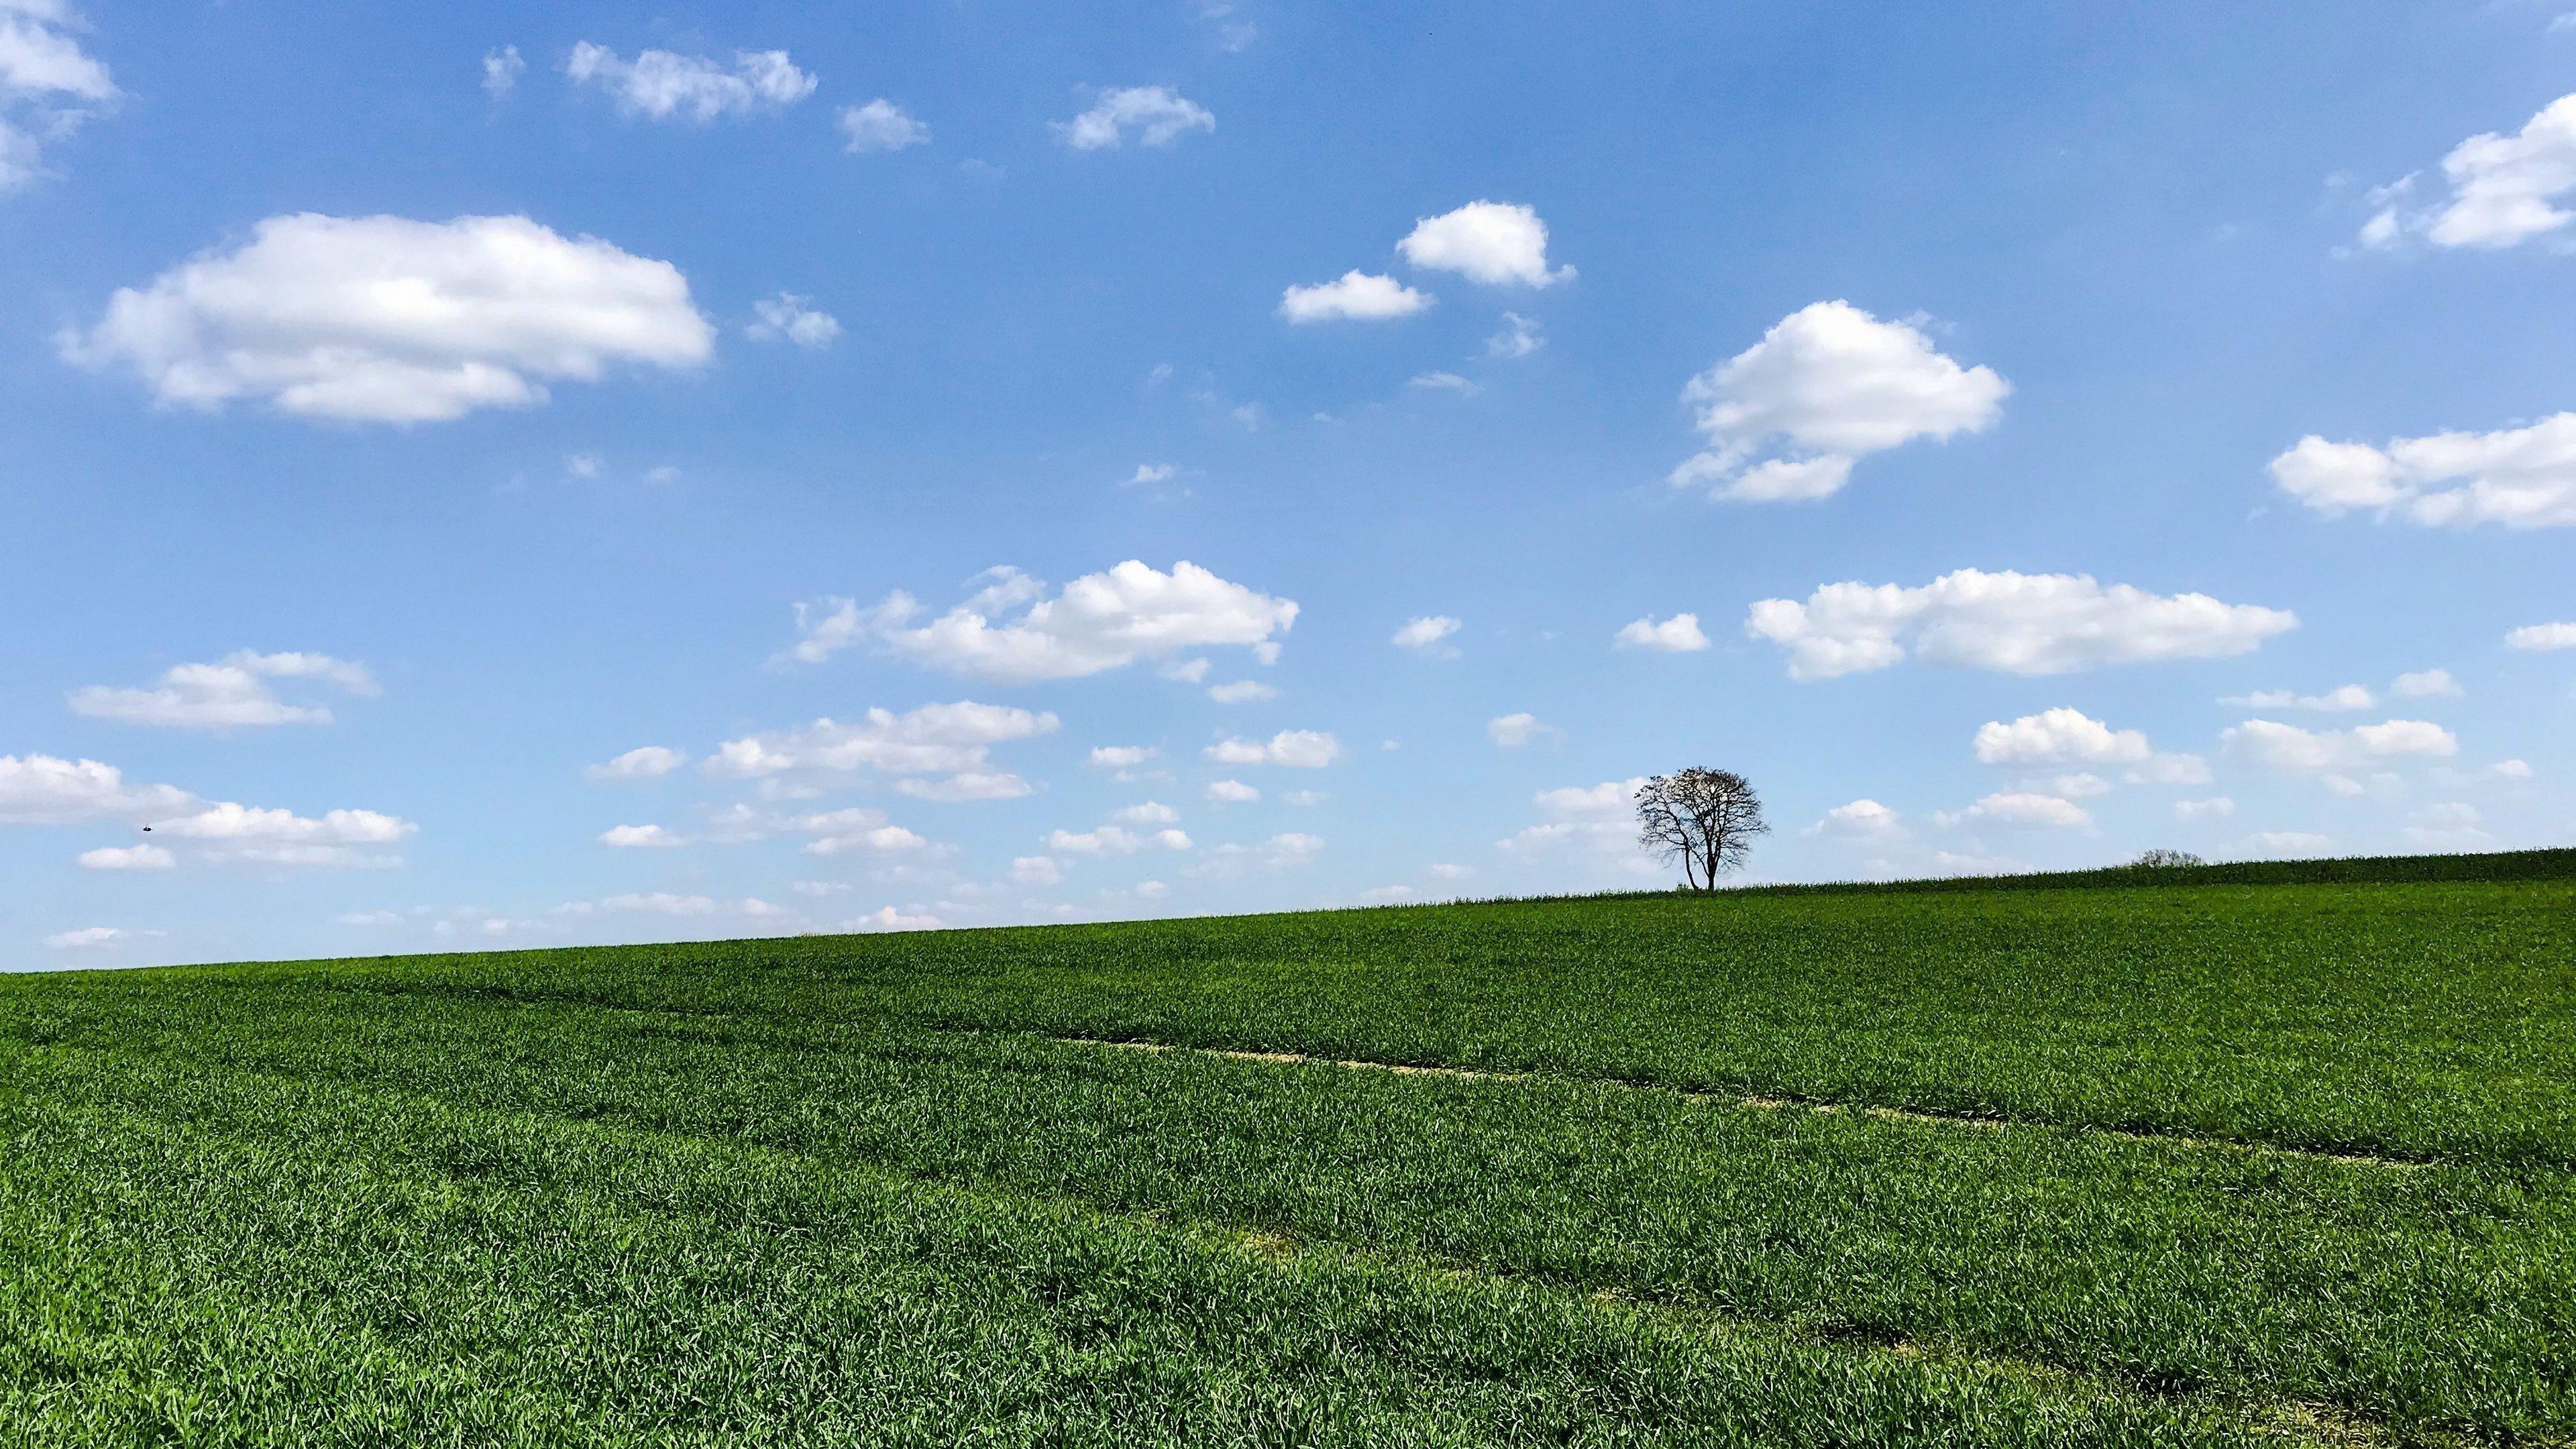 Склон дерево трава горизонт небо обои скачать